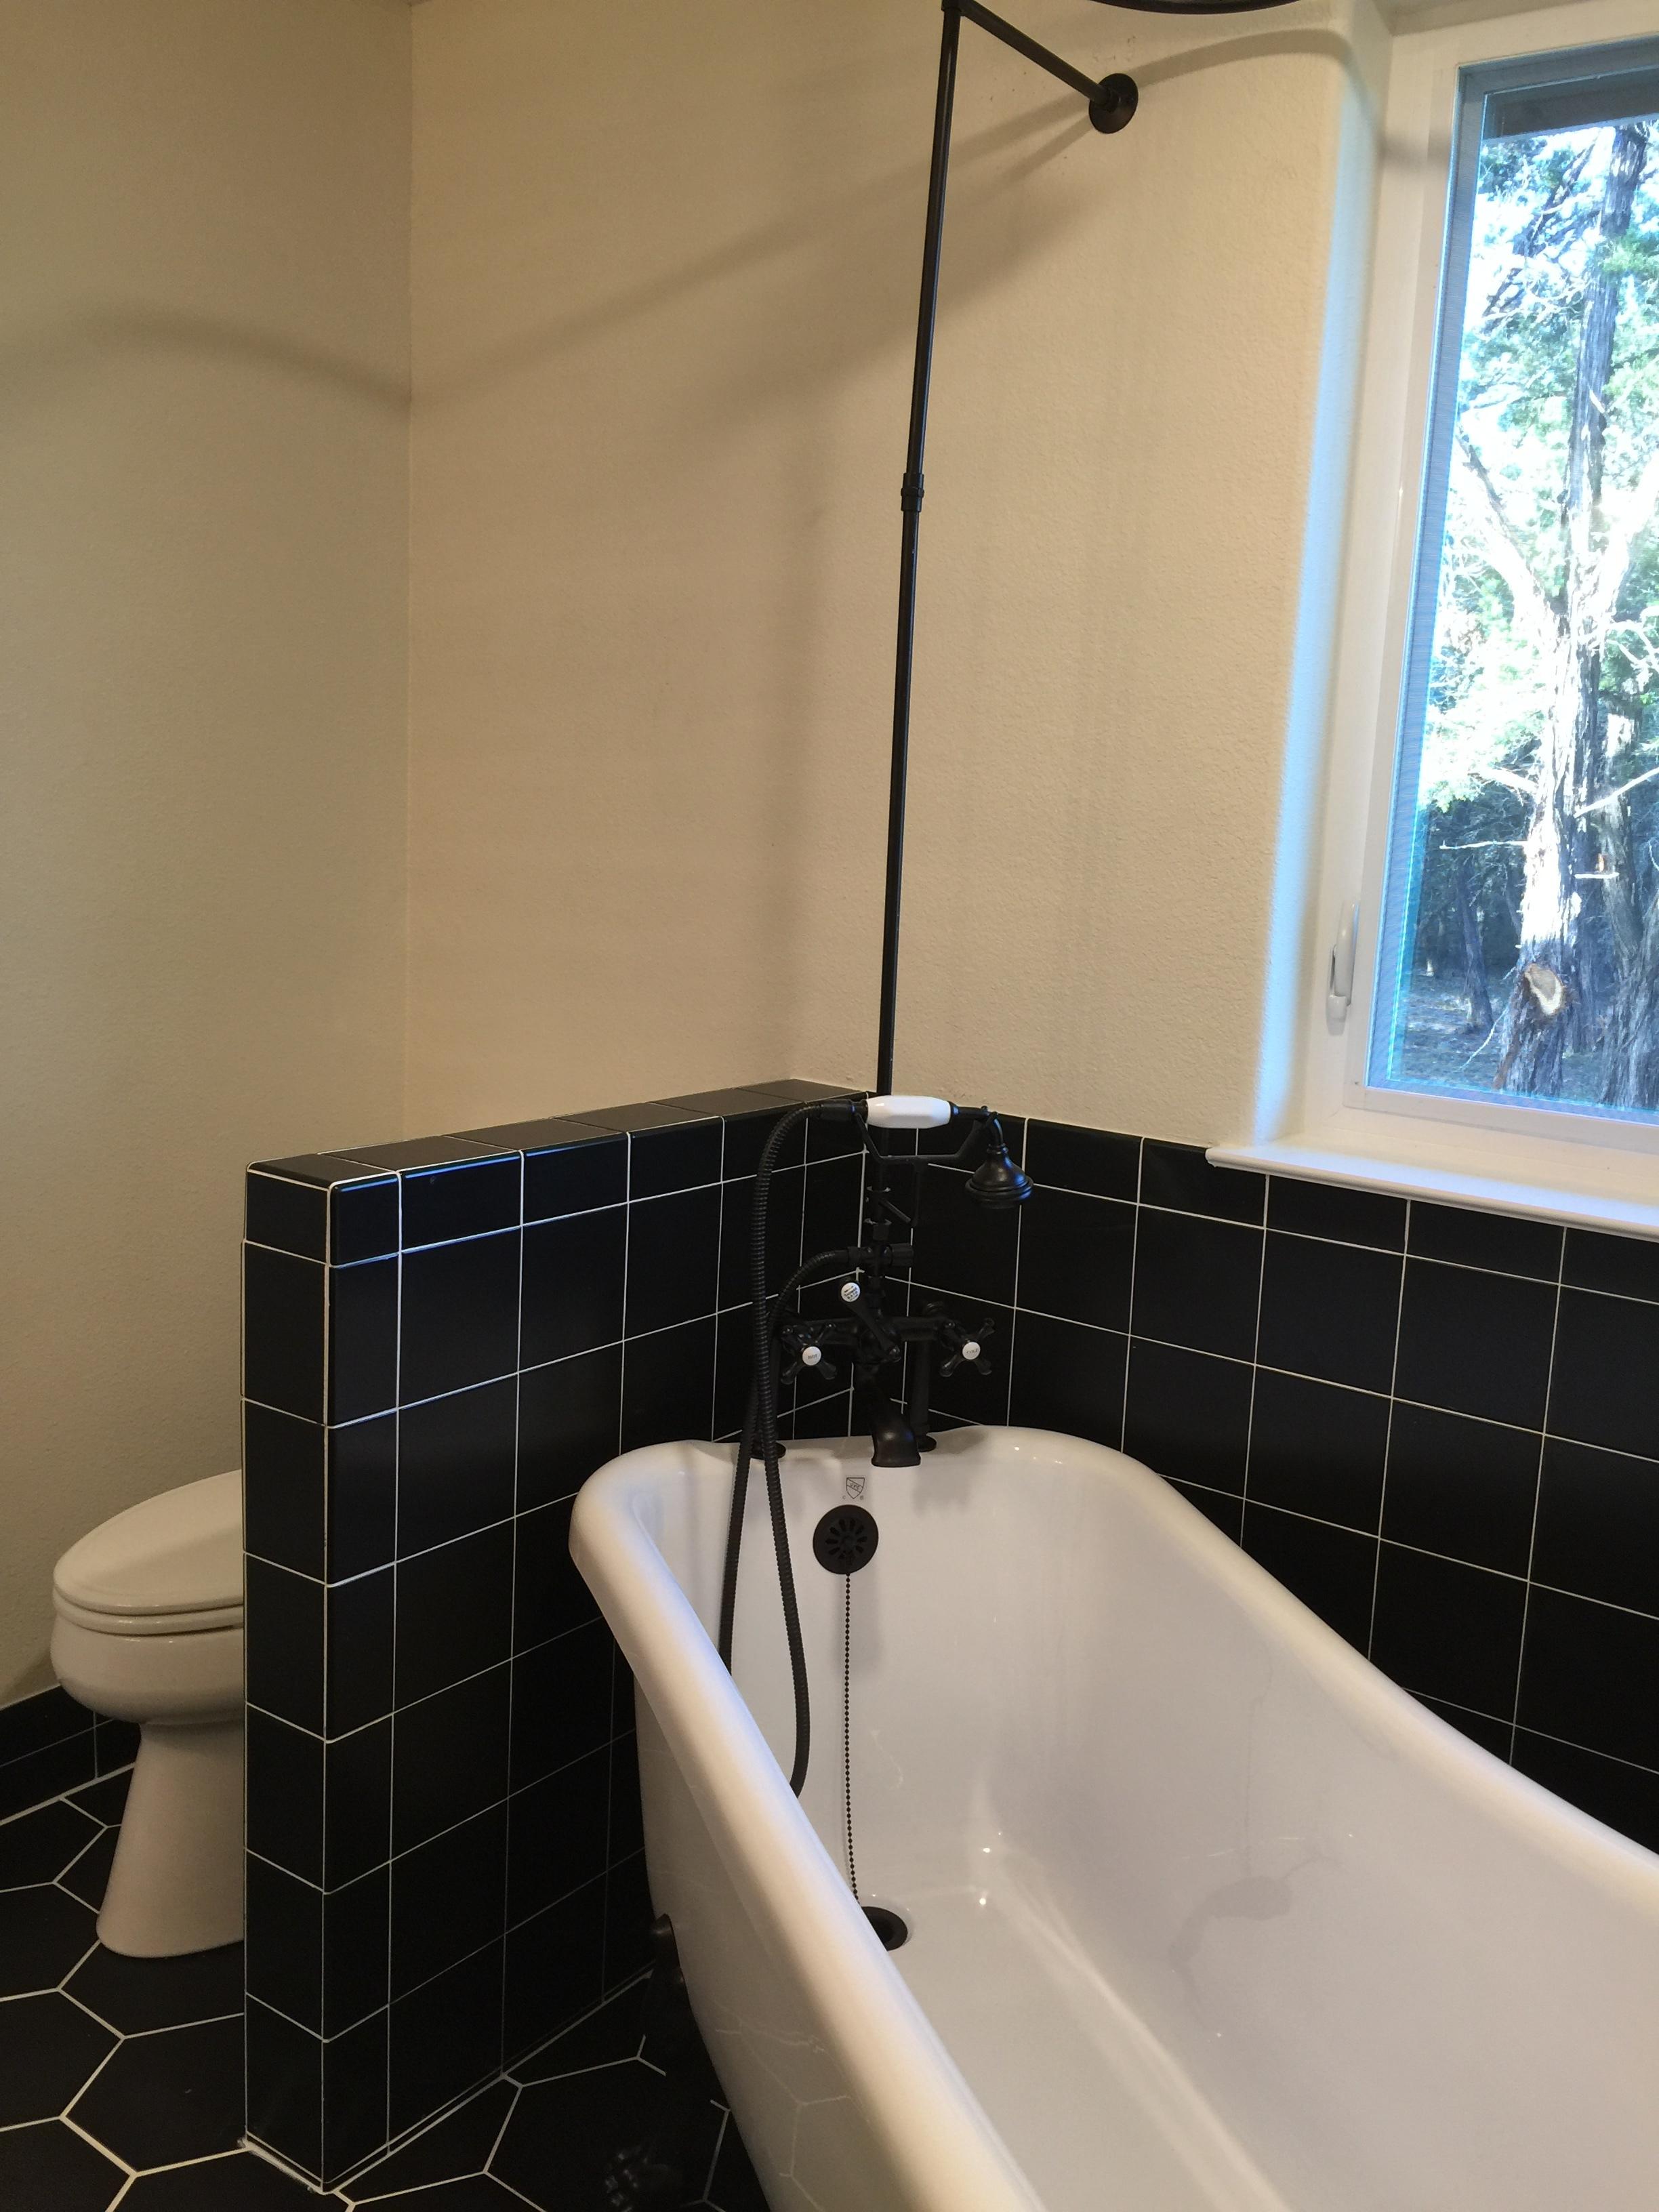 910 PLL - Finished Master Bath 3.JPG